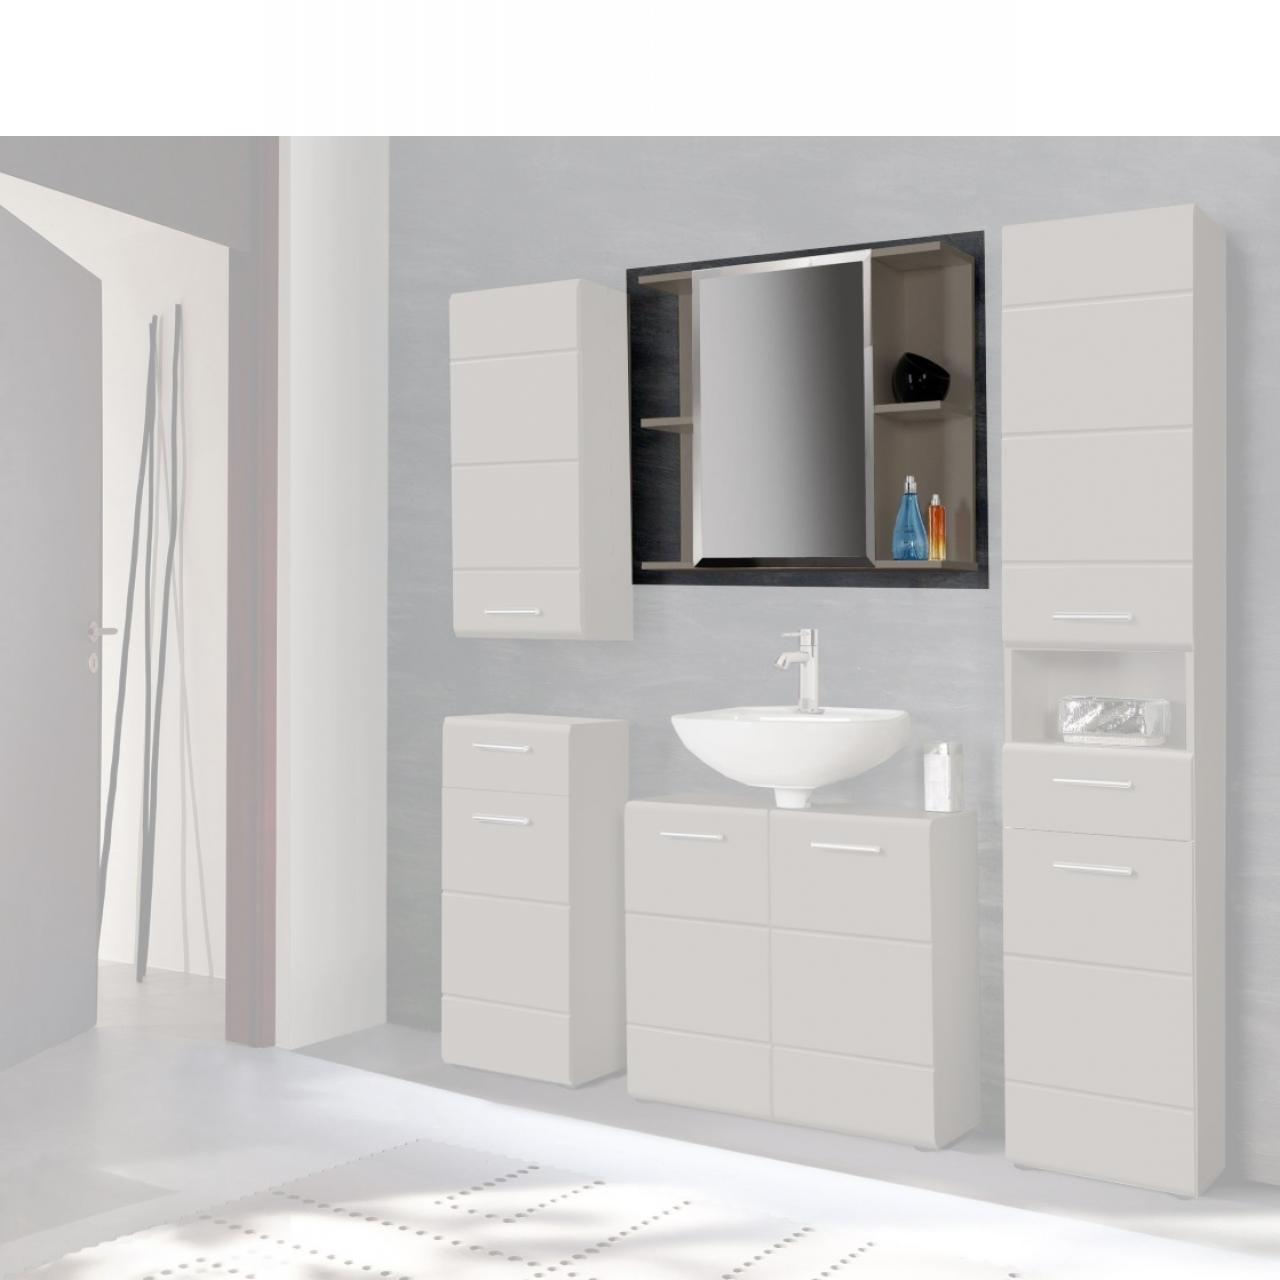 spiegelschrank salve grau badm bel wohnen m bel j hnichen center gmbh. Black Bedroom Furniture Sets. Home Design Ideas